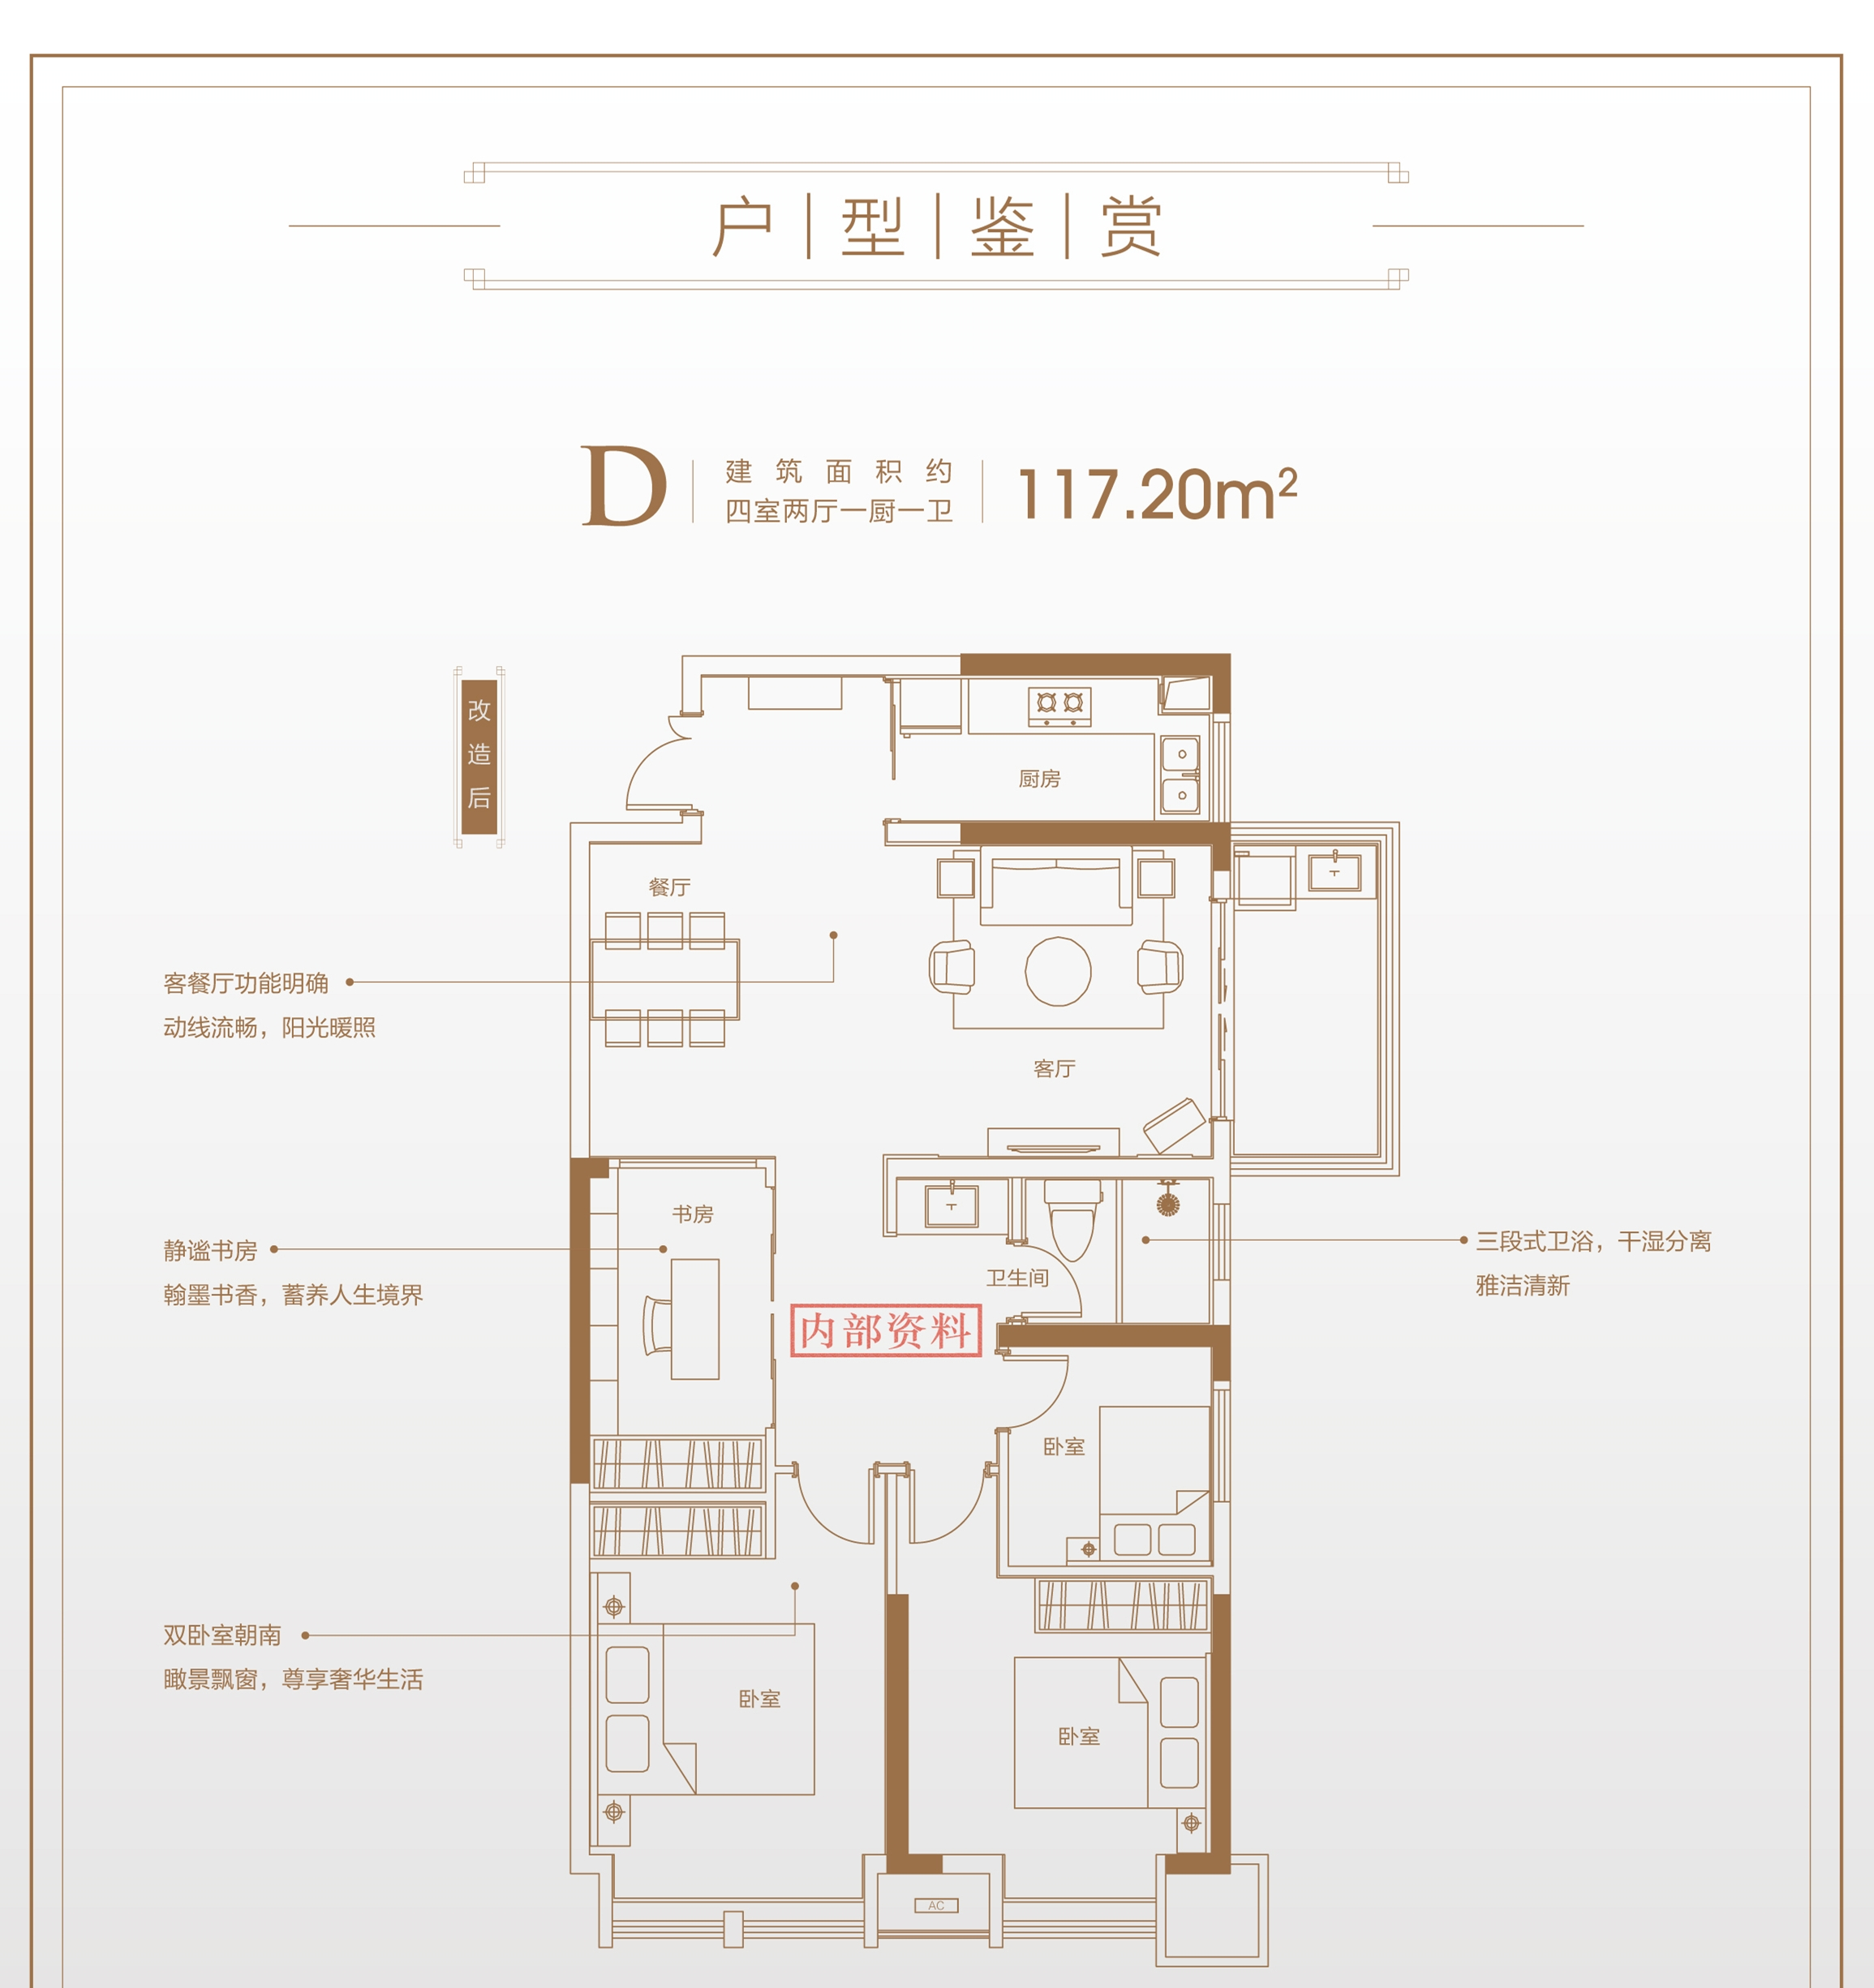 中天胜利58项目117.20㎡户型图